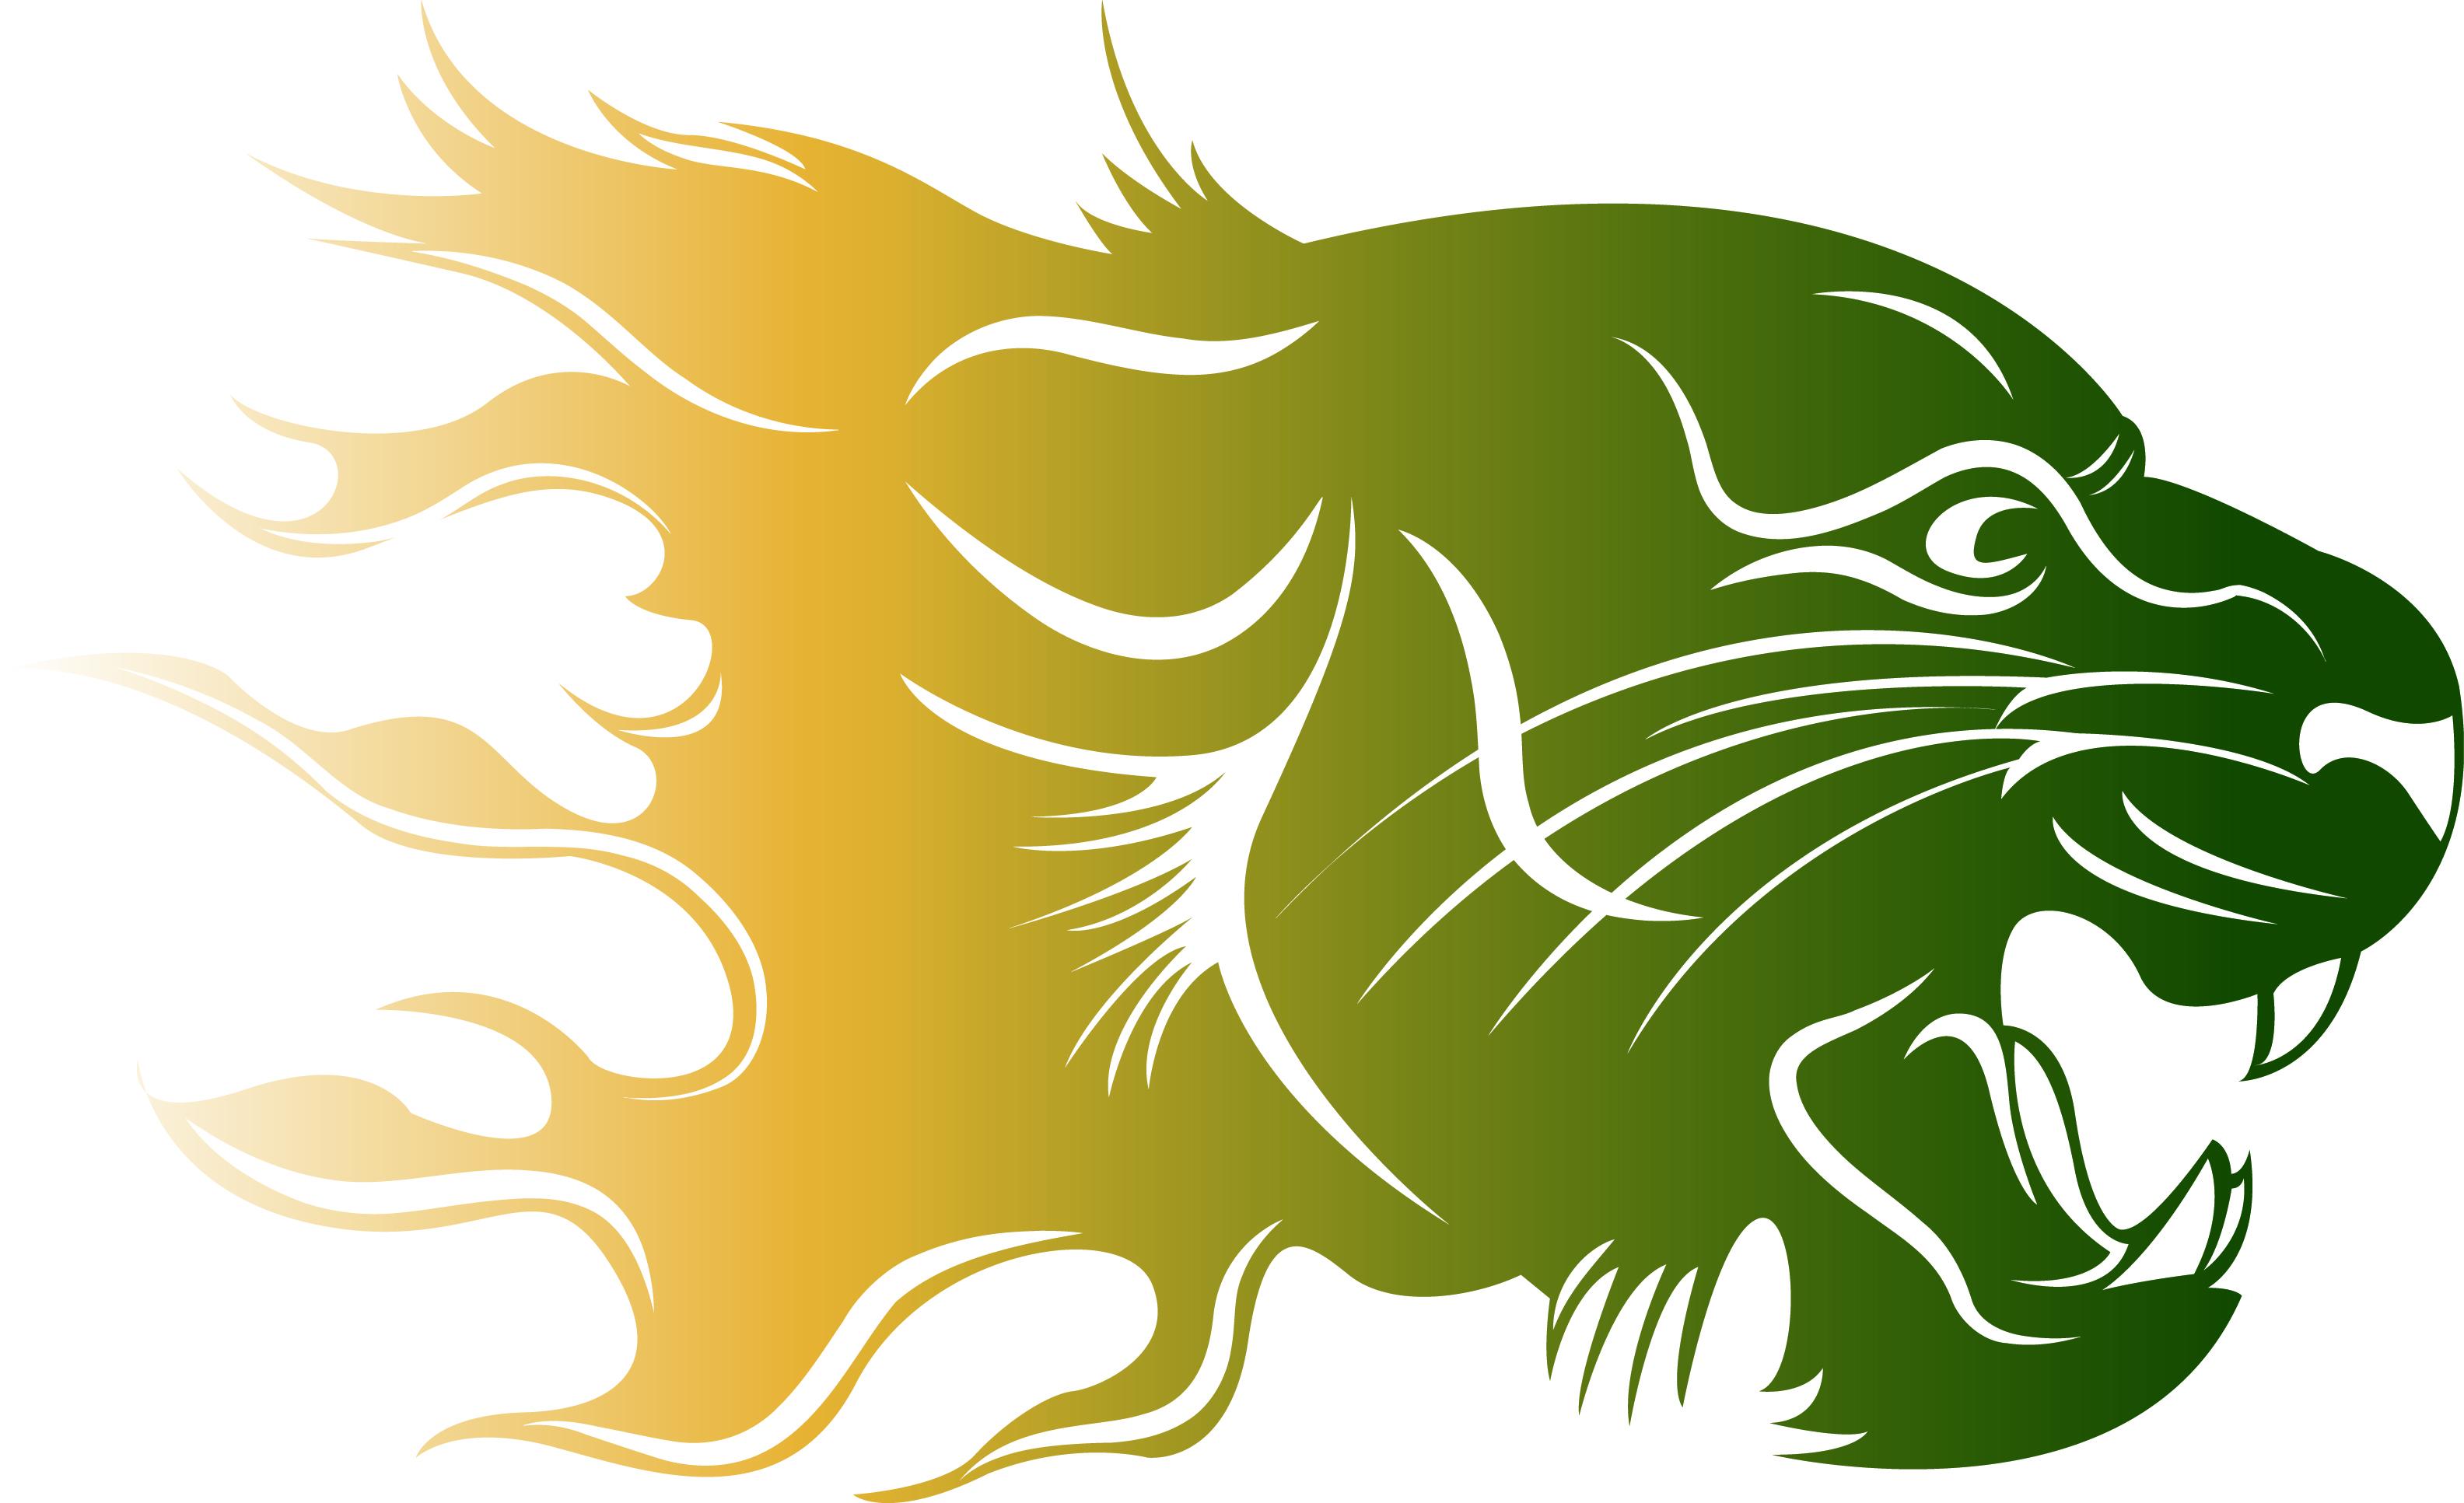 логотип картинки смотреть расскажем вам самых